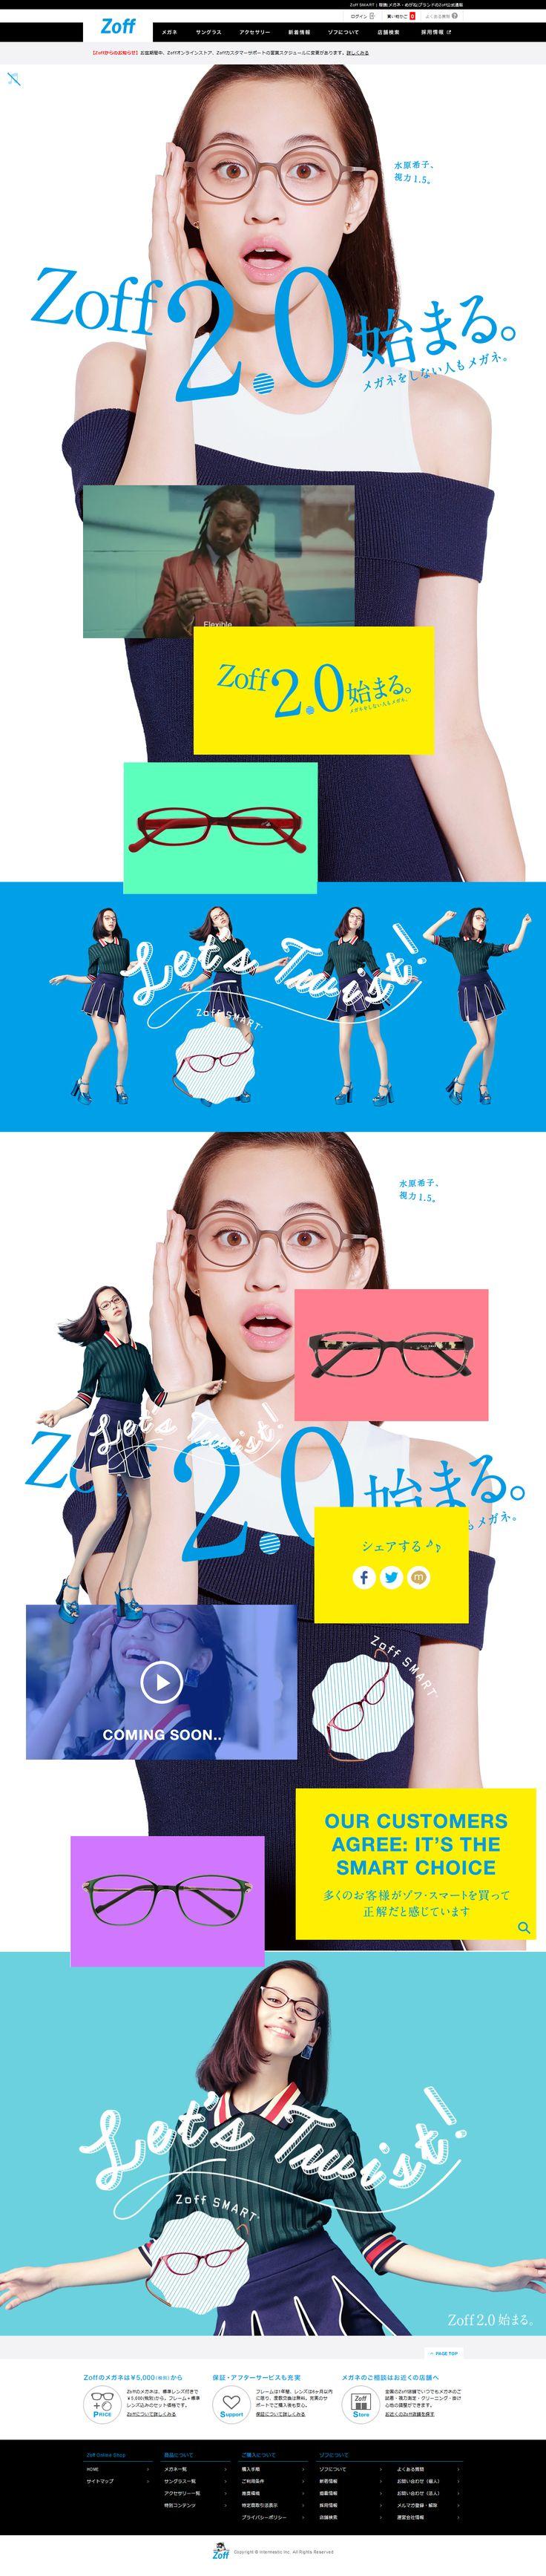 http://www.zoff.co.jp/sp/zoffsmart/